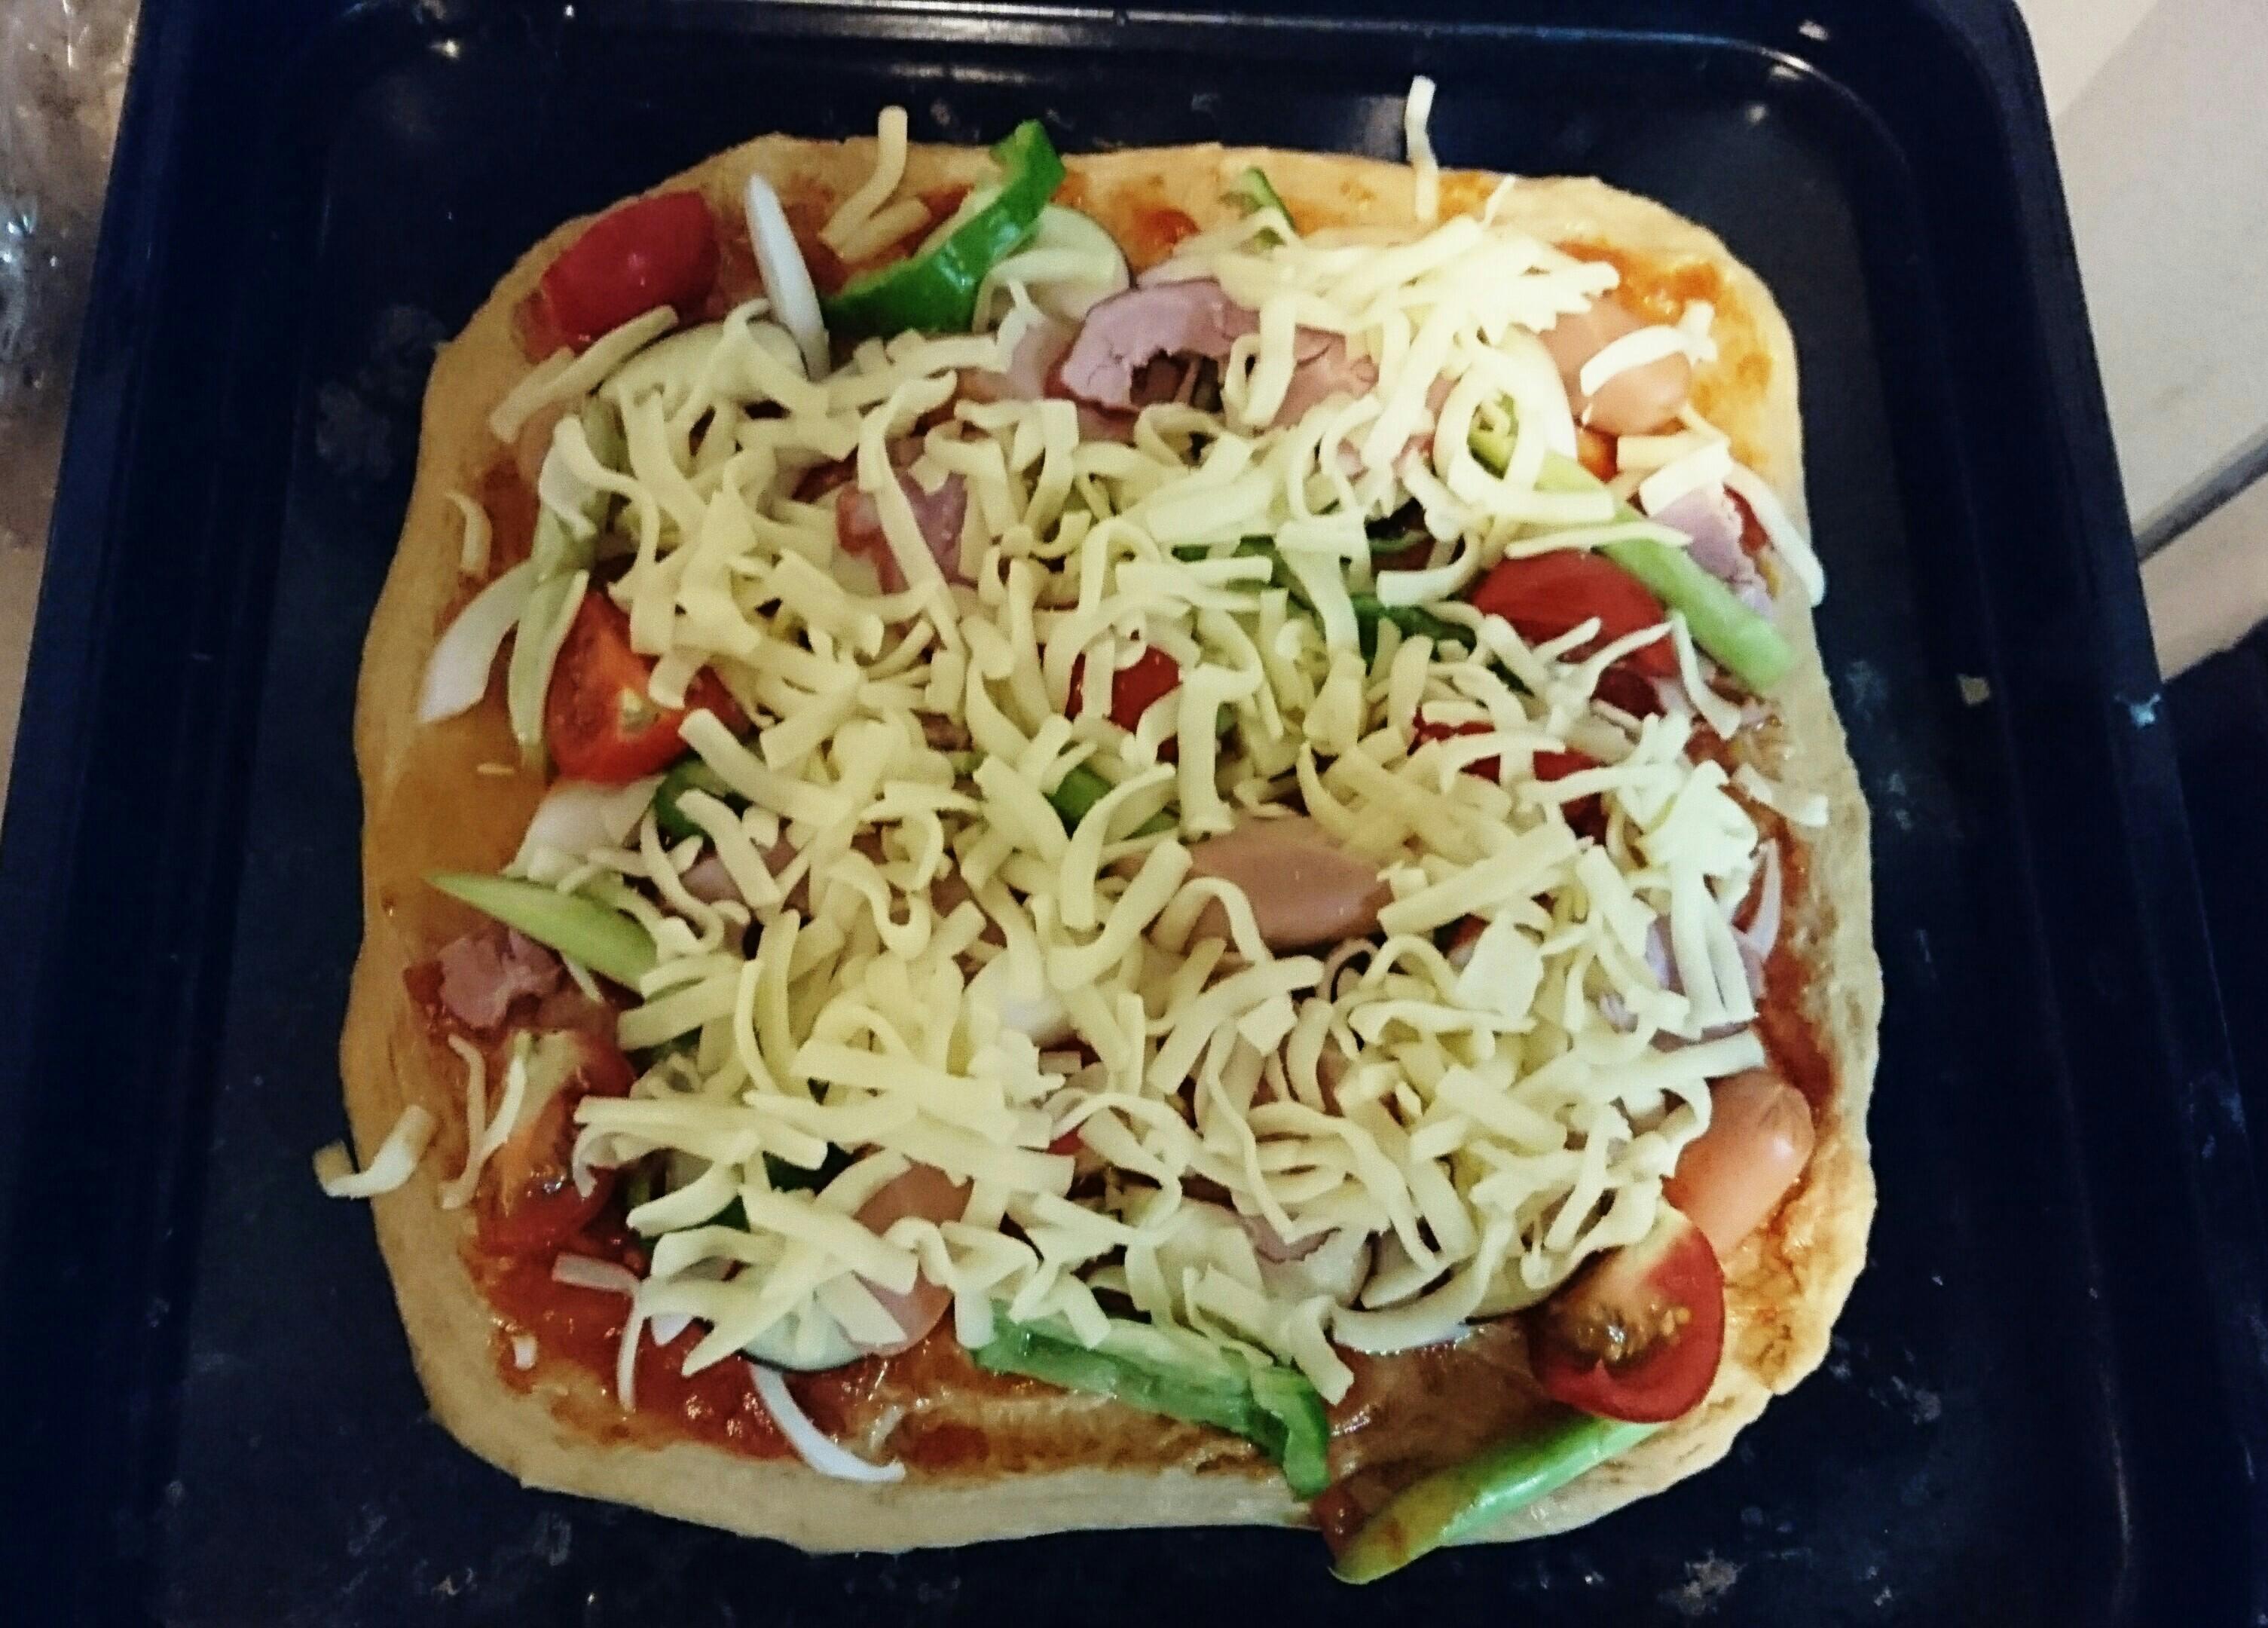 ふすま粉で糖質制限ピザ【 ピザ1枚糖質16g/ピザパンなら1個4g】糖質制限中でも気軽に食べれるピザ♡